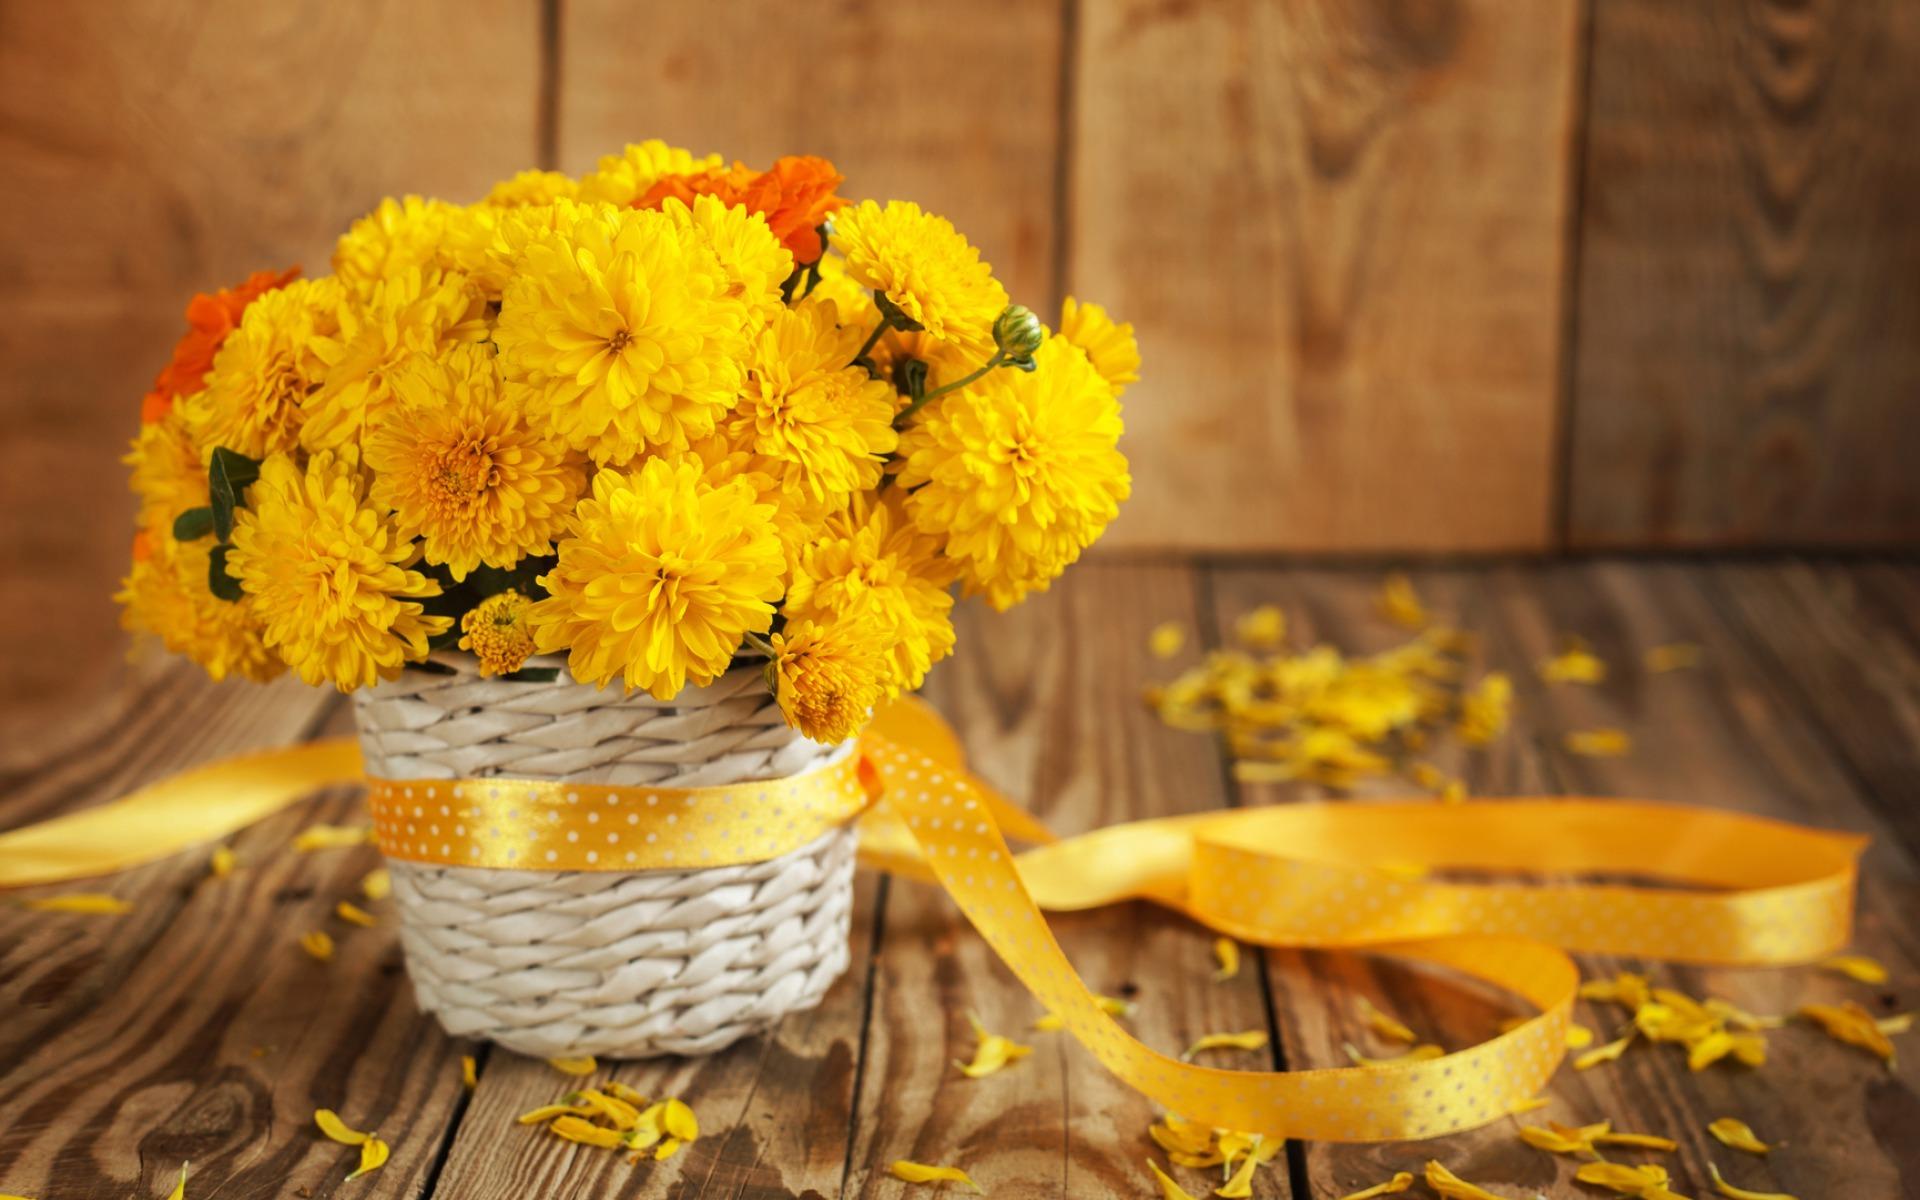 Фотография Букеты желтых Лепестки Цветы ленточка Желтый желтые желтая лепестков Лента